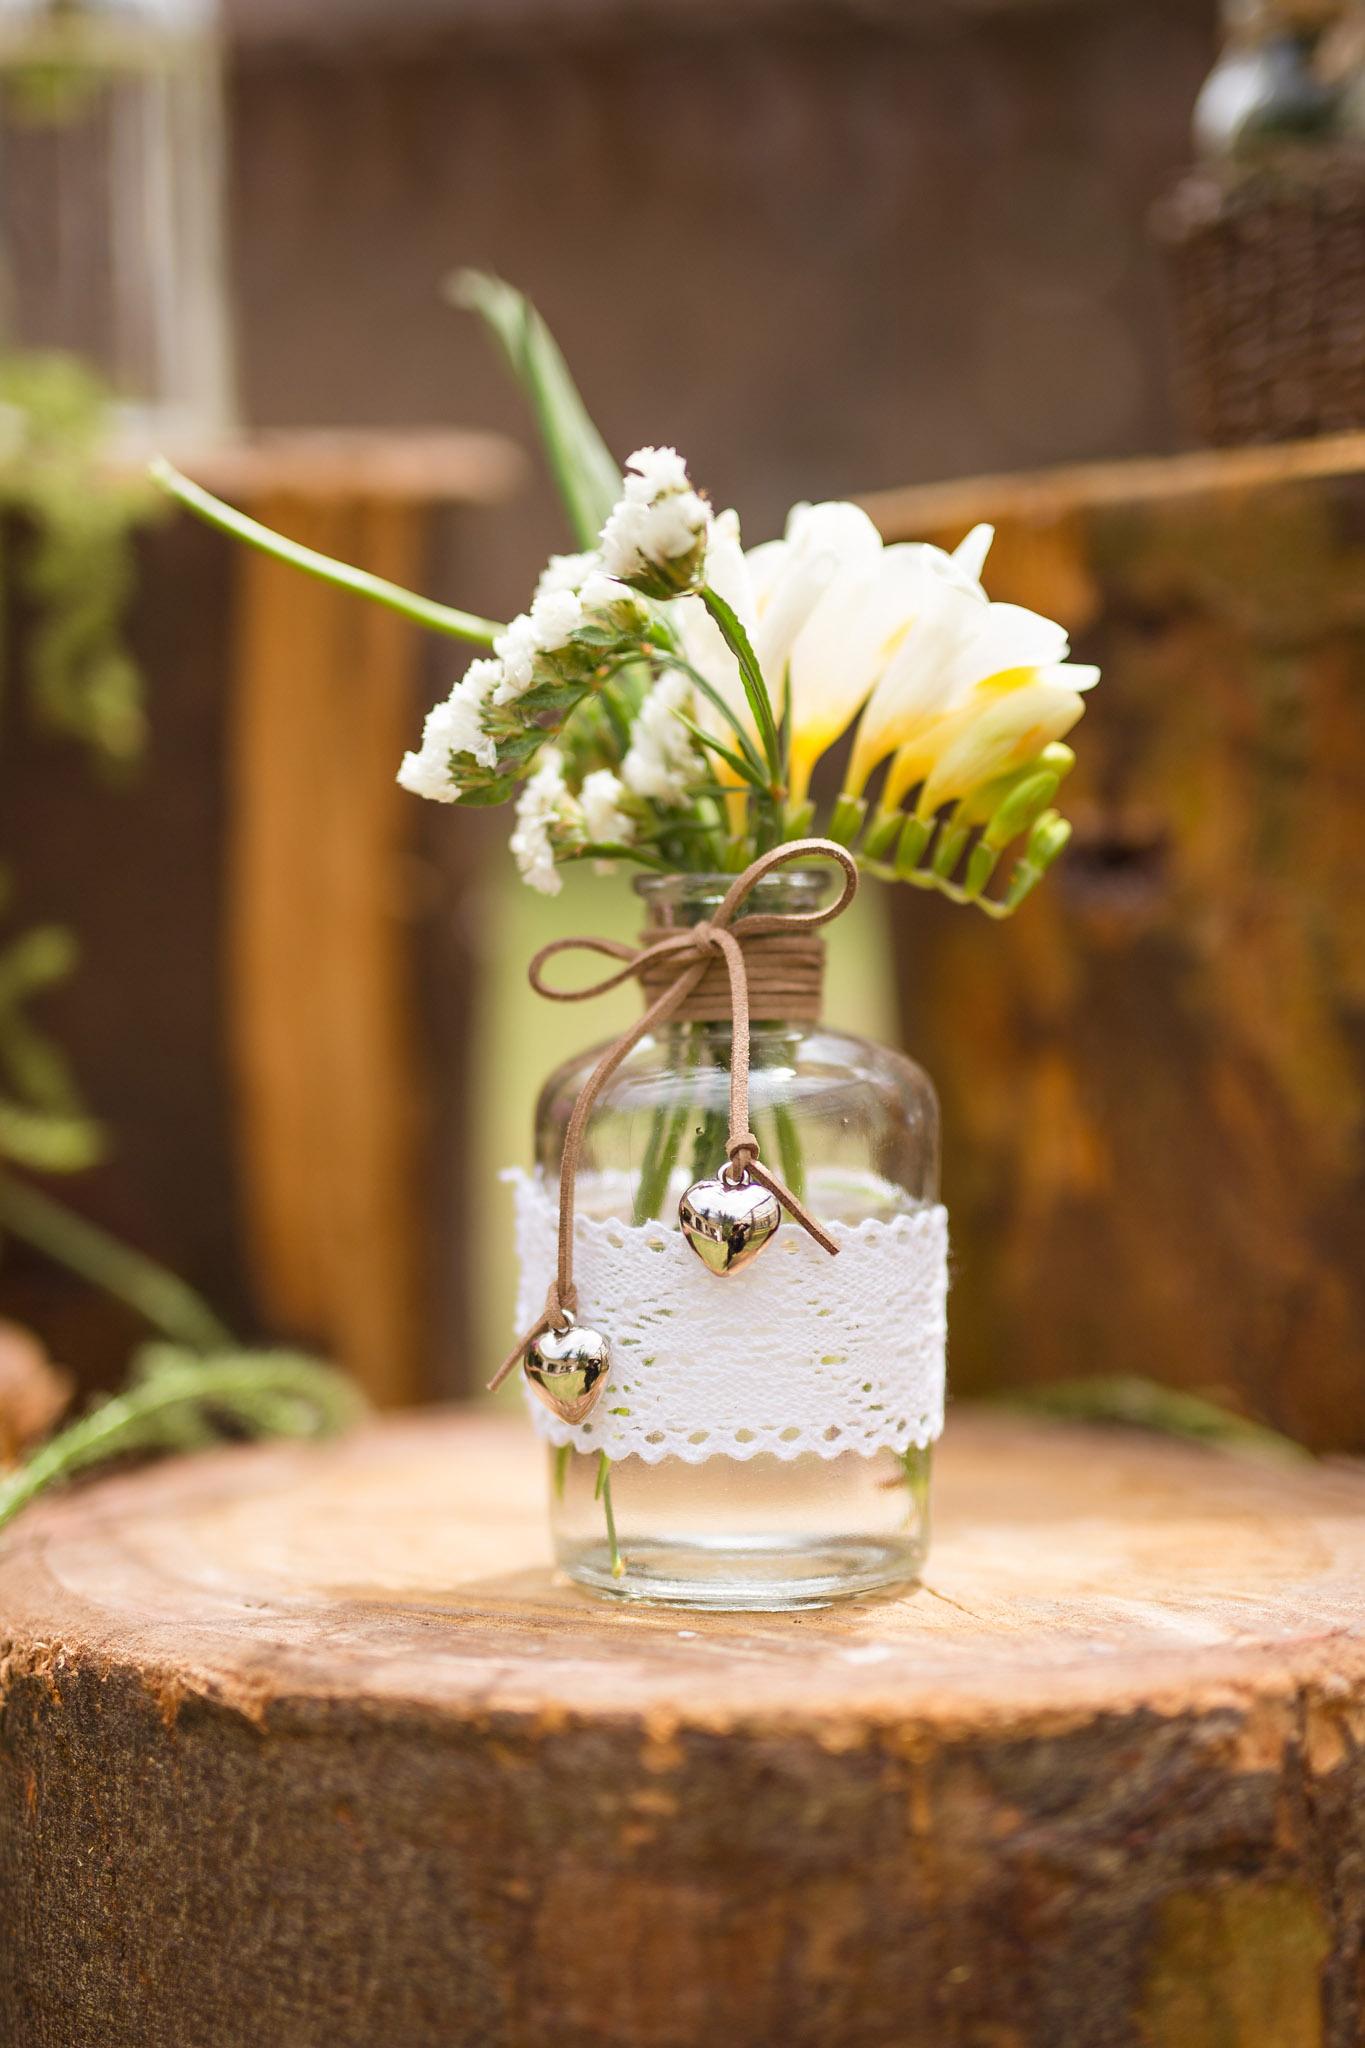 Wedding-Travellers-Destination-Wedding-Peru-Cusco-Hacienda-Sarapampa-Sacred-Valley-decoration-white-flower-glass